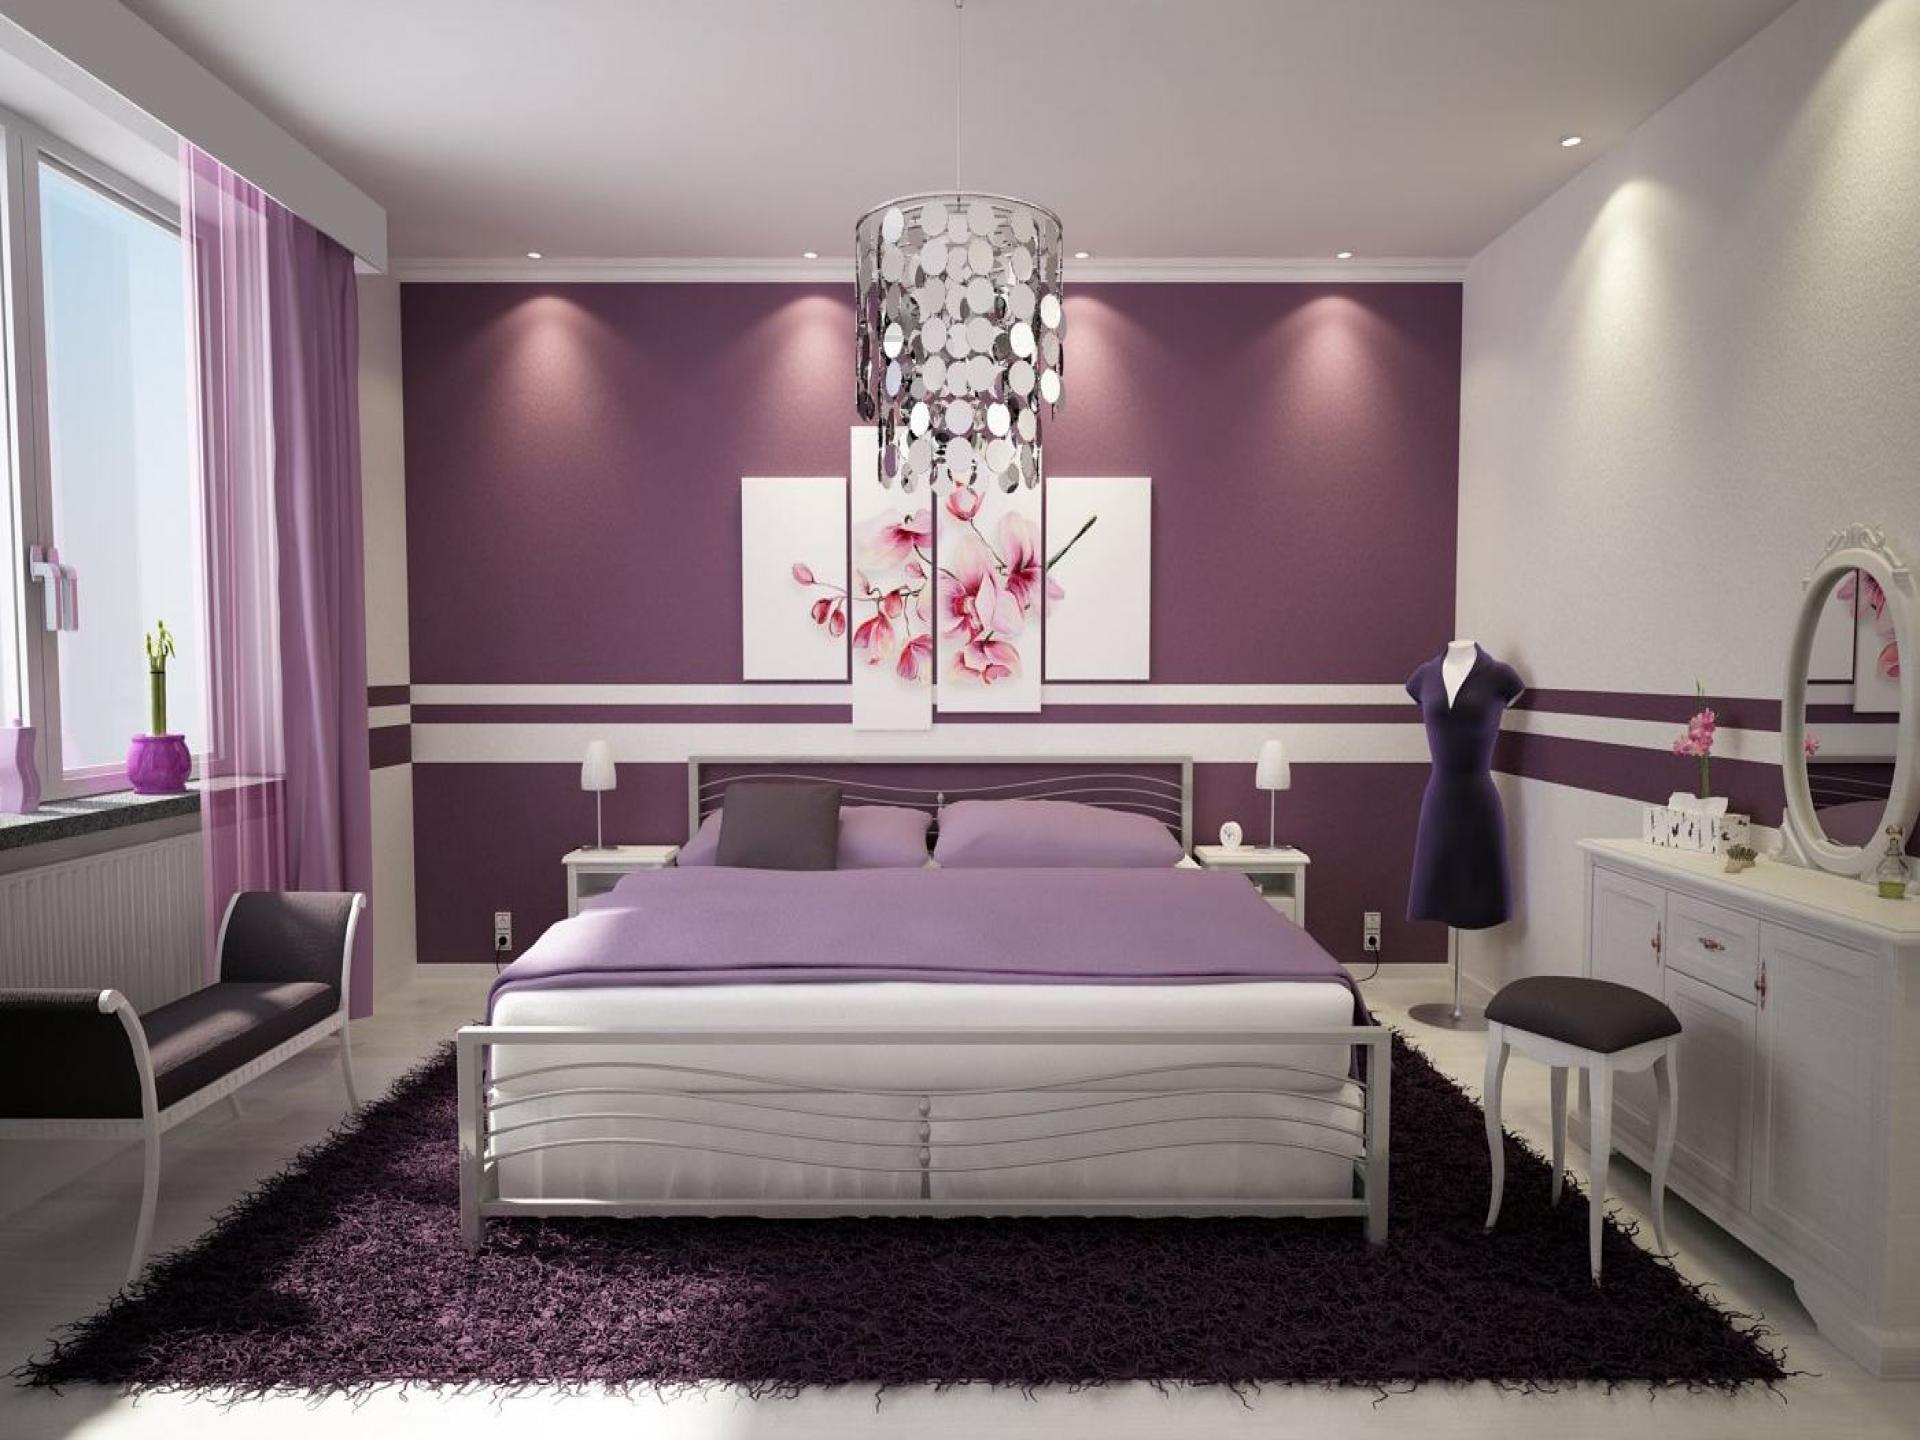 Дизайн сиреневой спальни 2017-2018 современные идеи